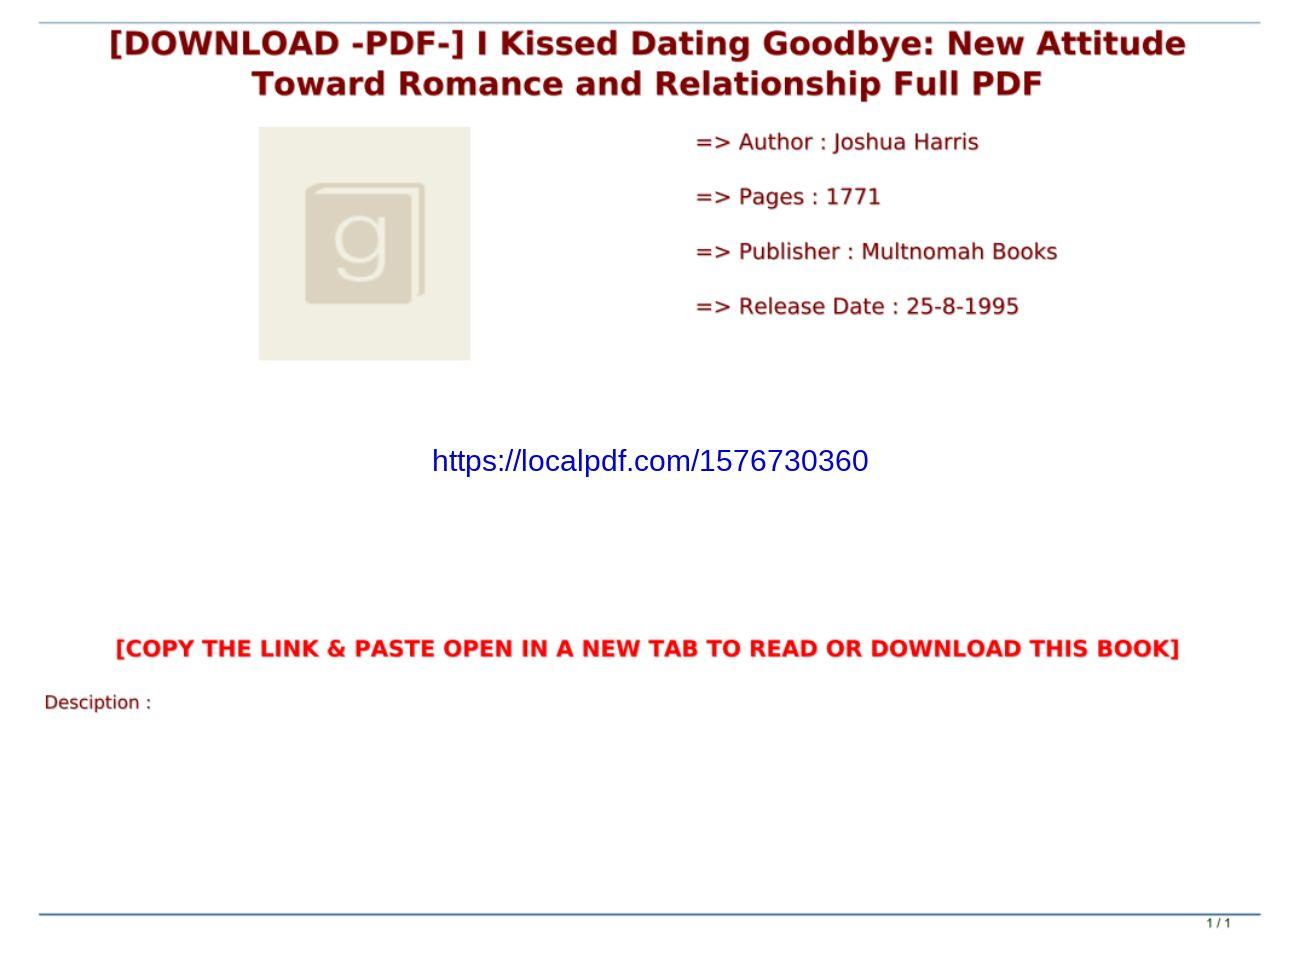 I Kissed Dating Goodbye Pdf